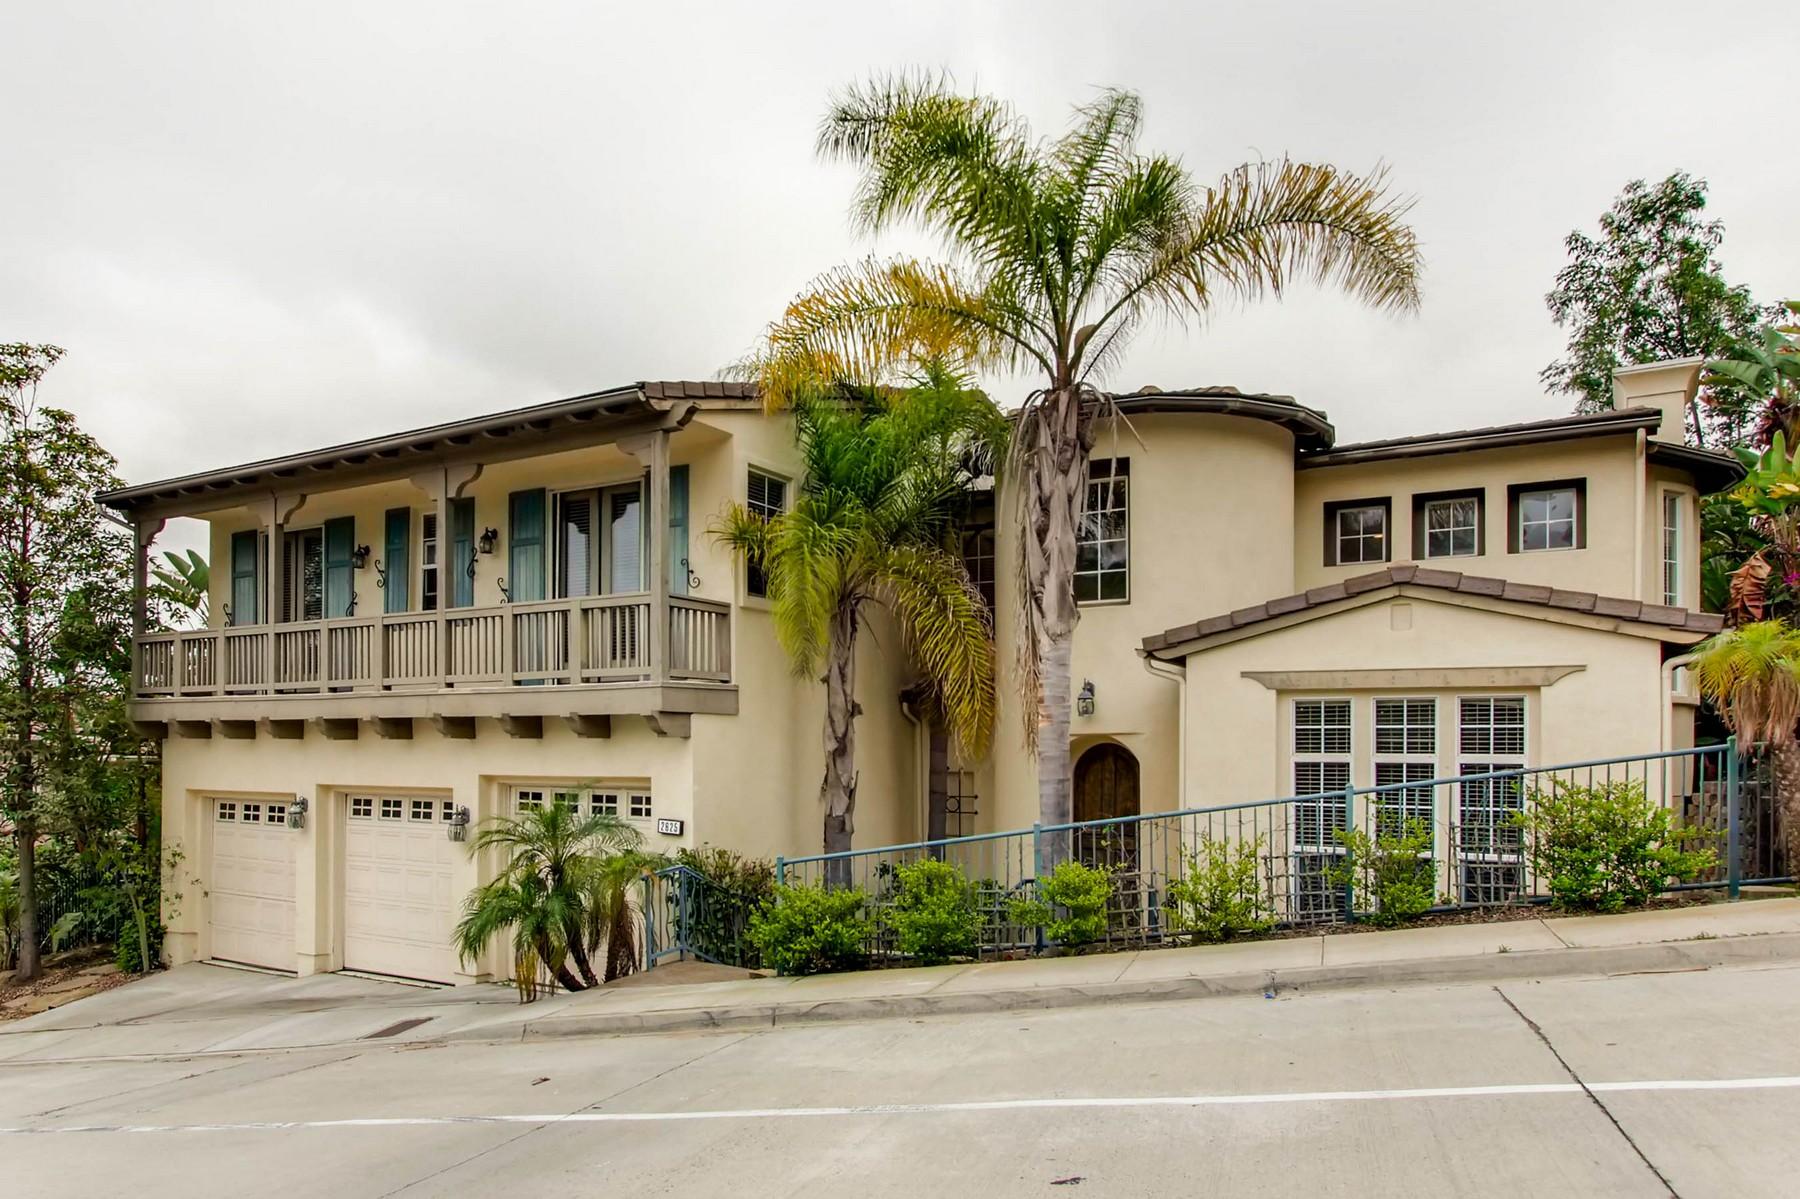 Einfamilienhaus für Verkauf beim RIDGEGATE 2625 Ridgegate Row La Jolla, Kalifornien, 92037 Vereinigte Staaten